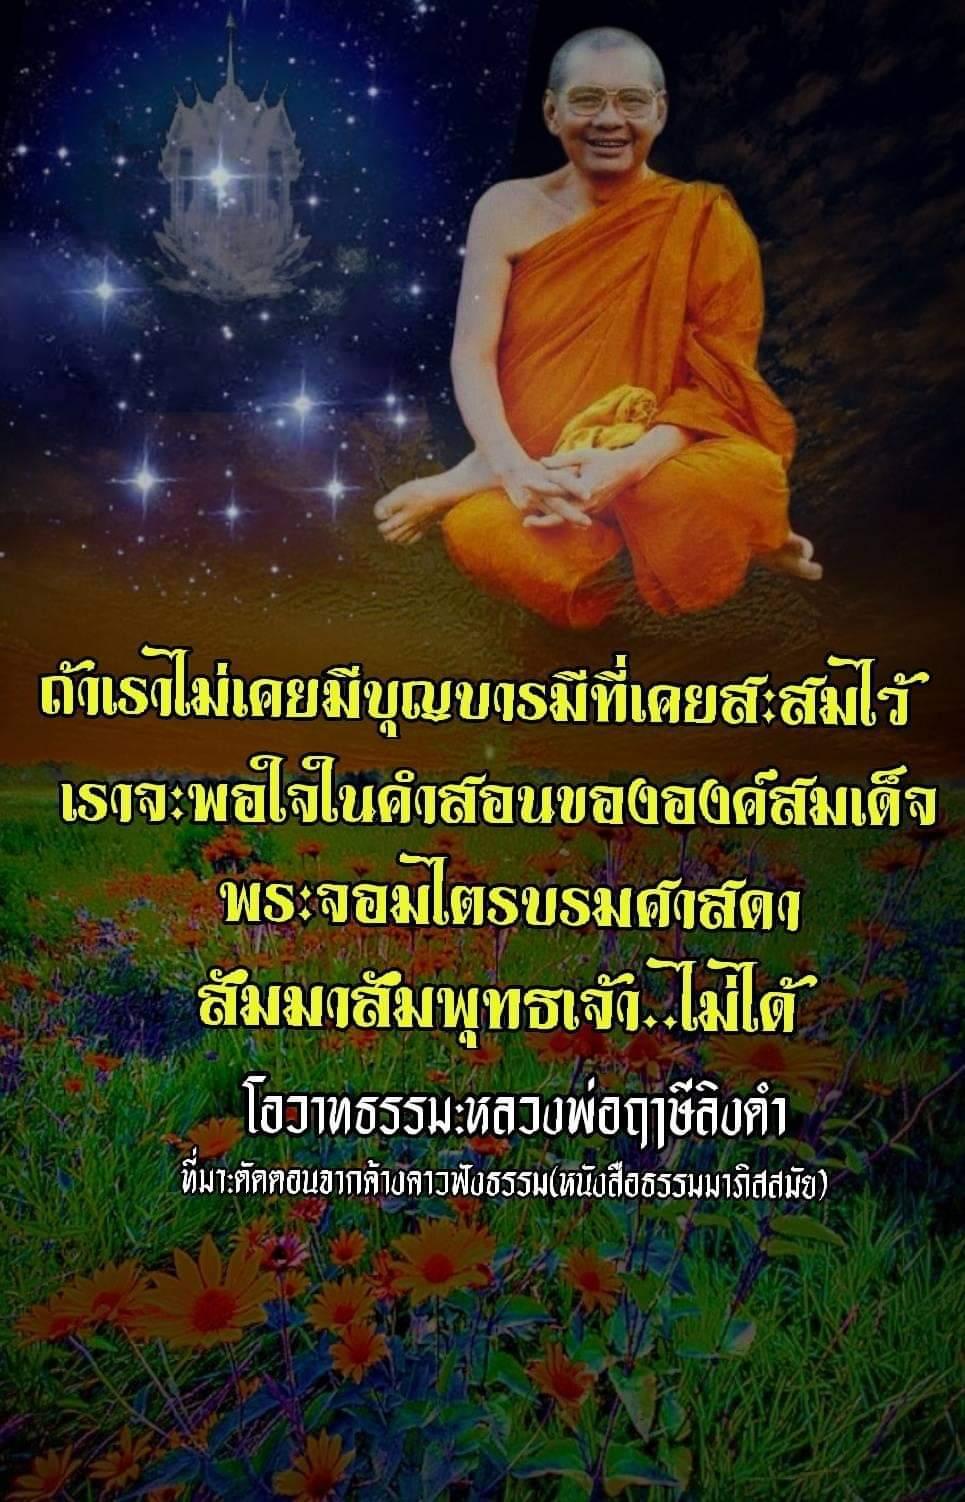 FB_IMG_1553178570351.jpg